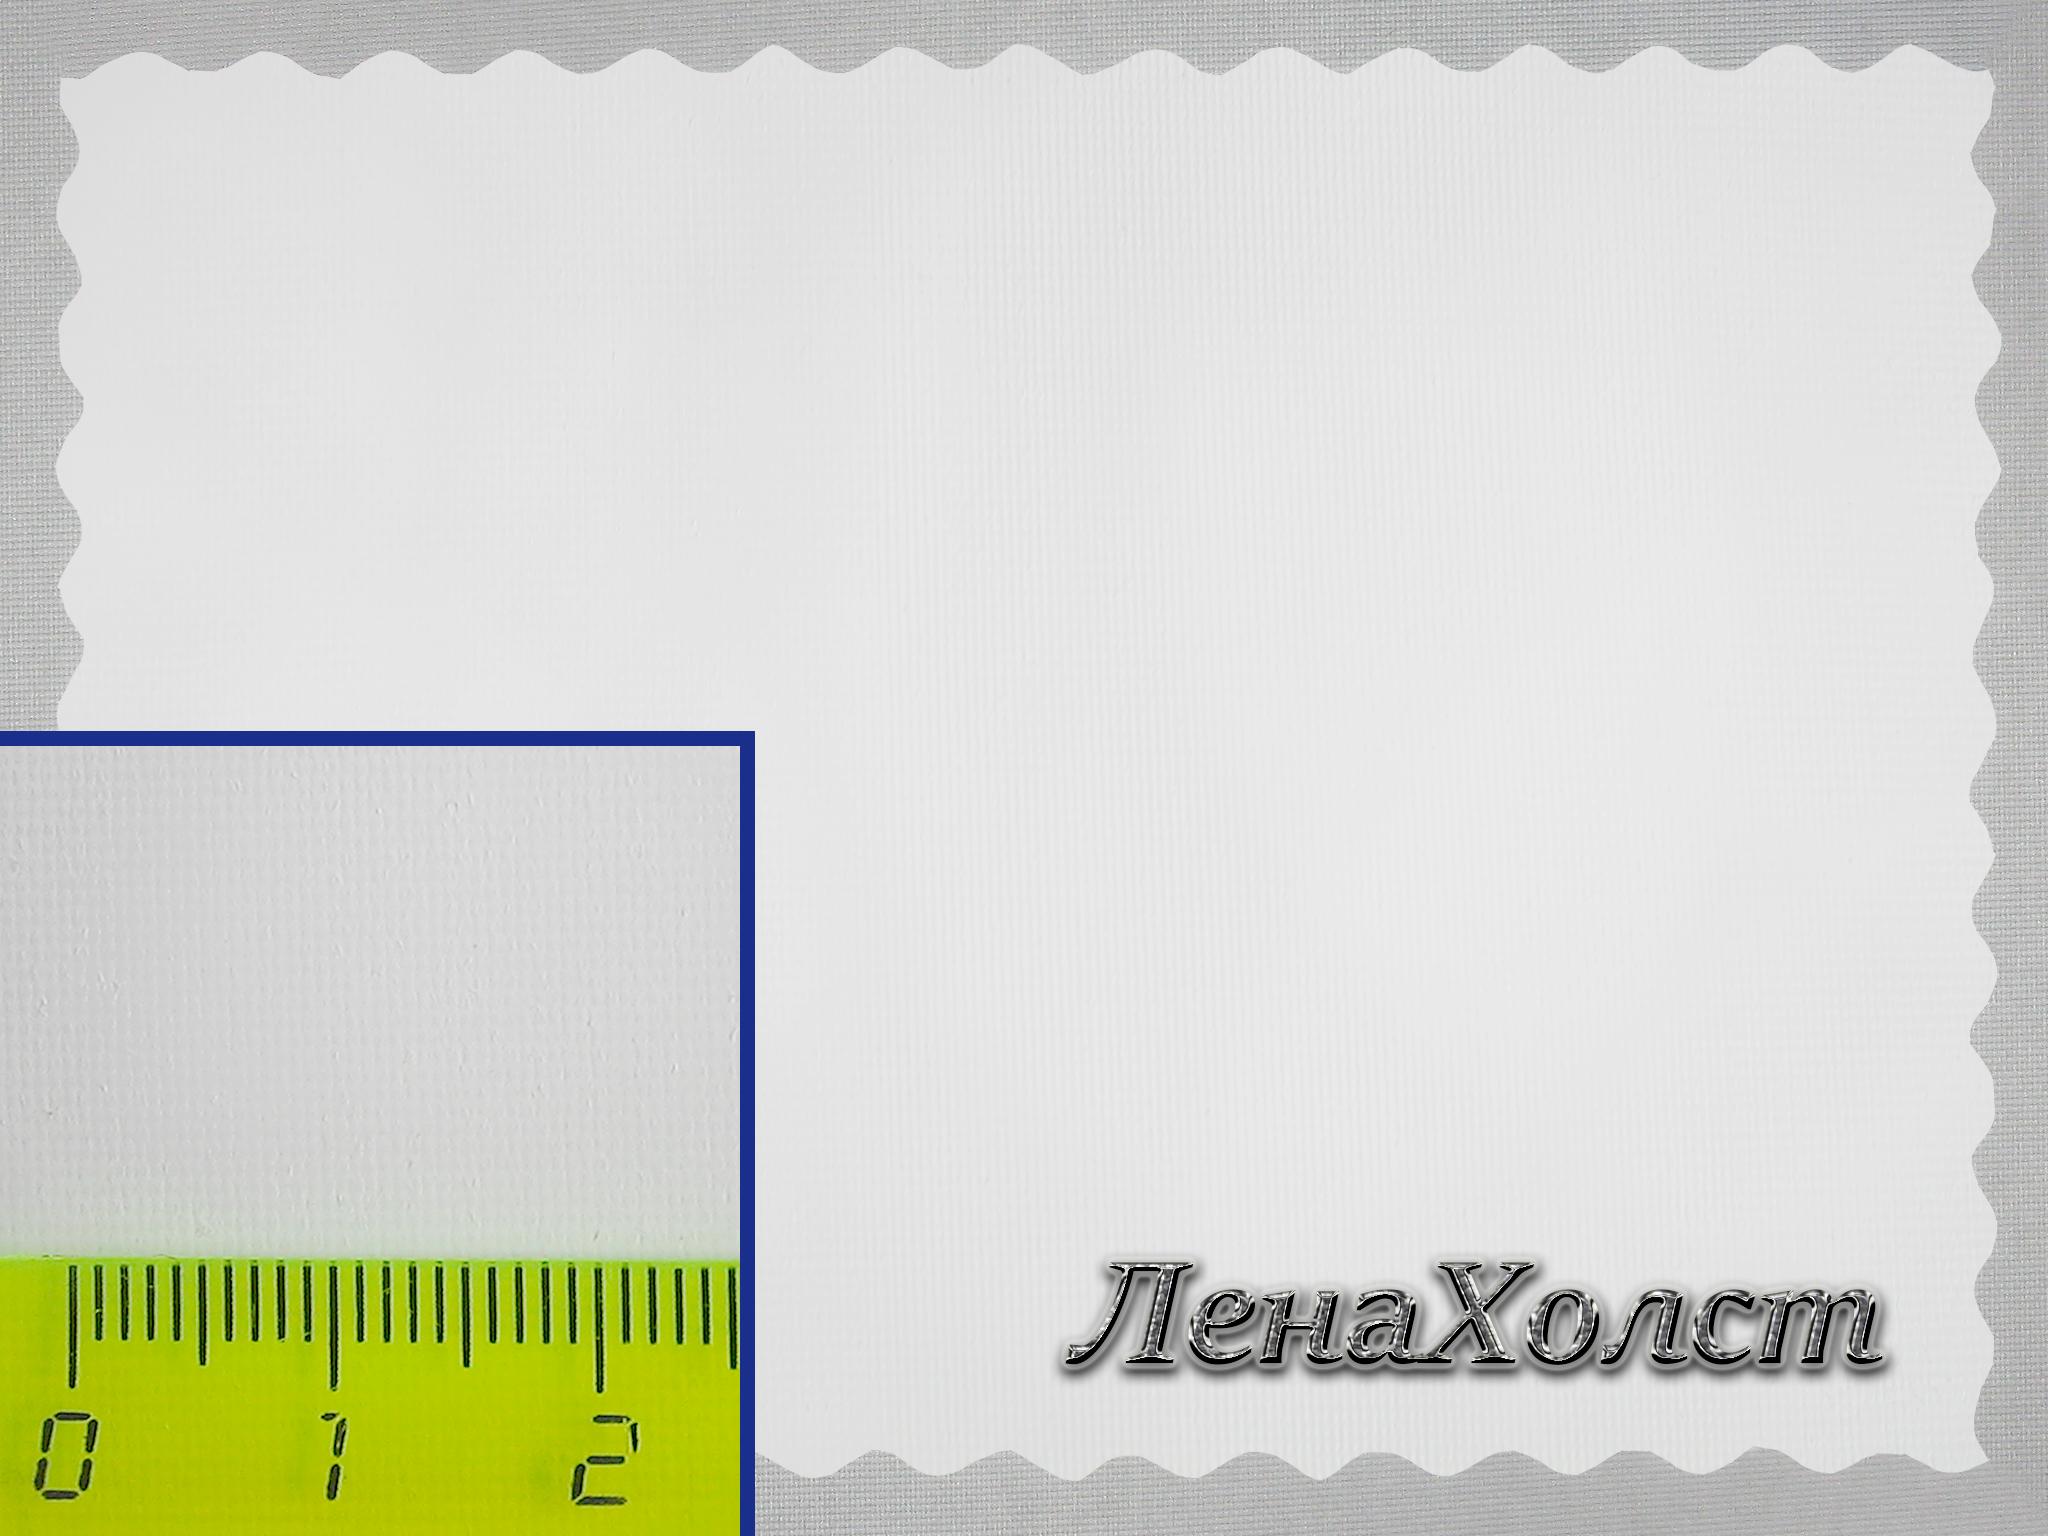 Грунтованный мелкозернистый синтетический холст из 100% полиэстера ЛЕНАХОЛСТ 305